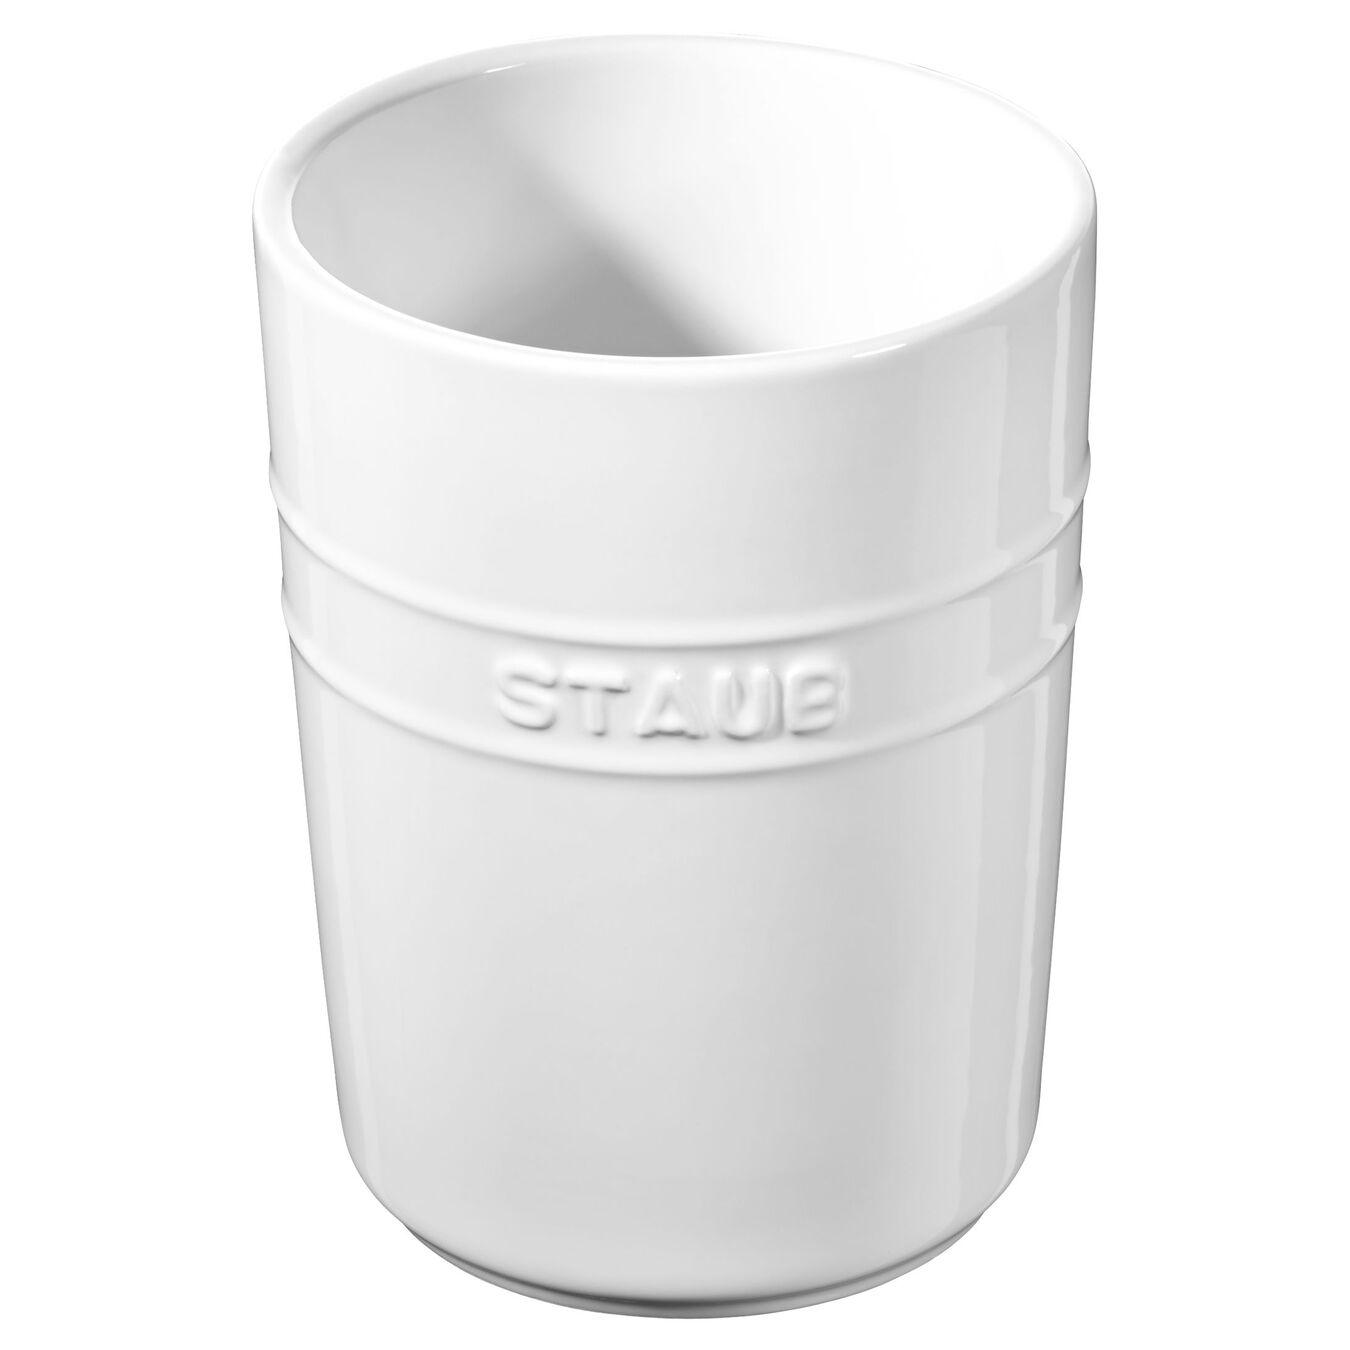 15 cm Utensil holder, pure-white,,large 1